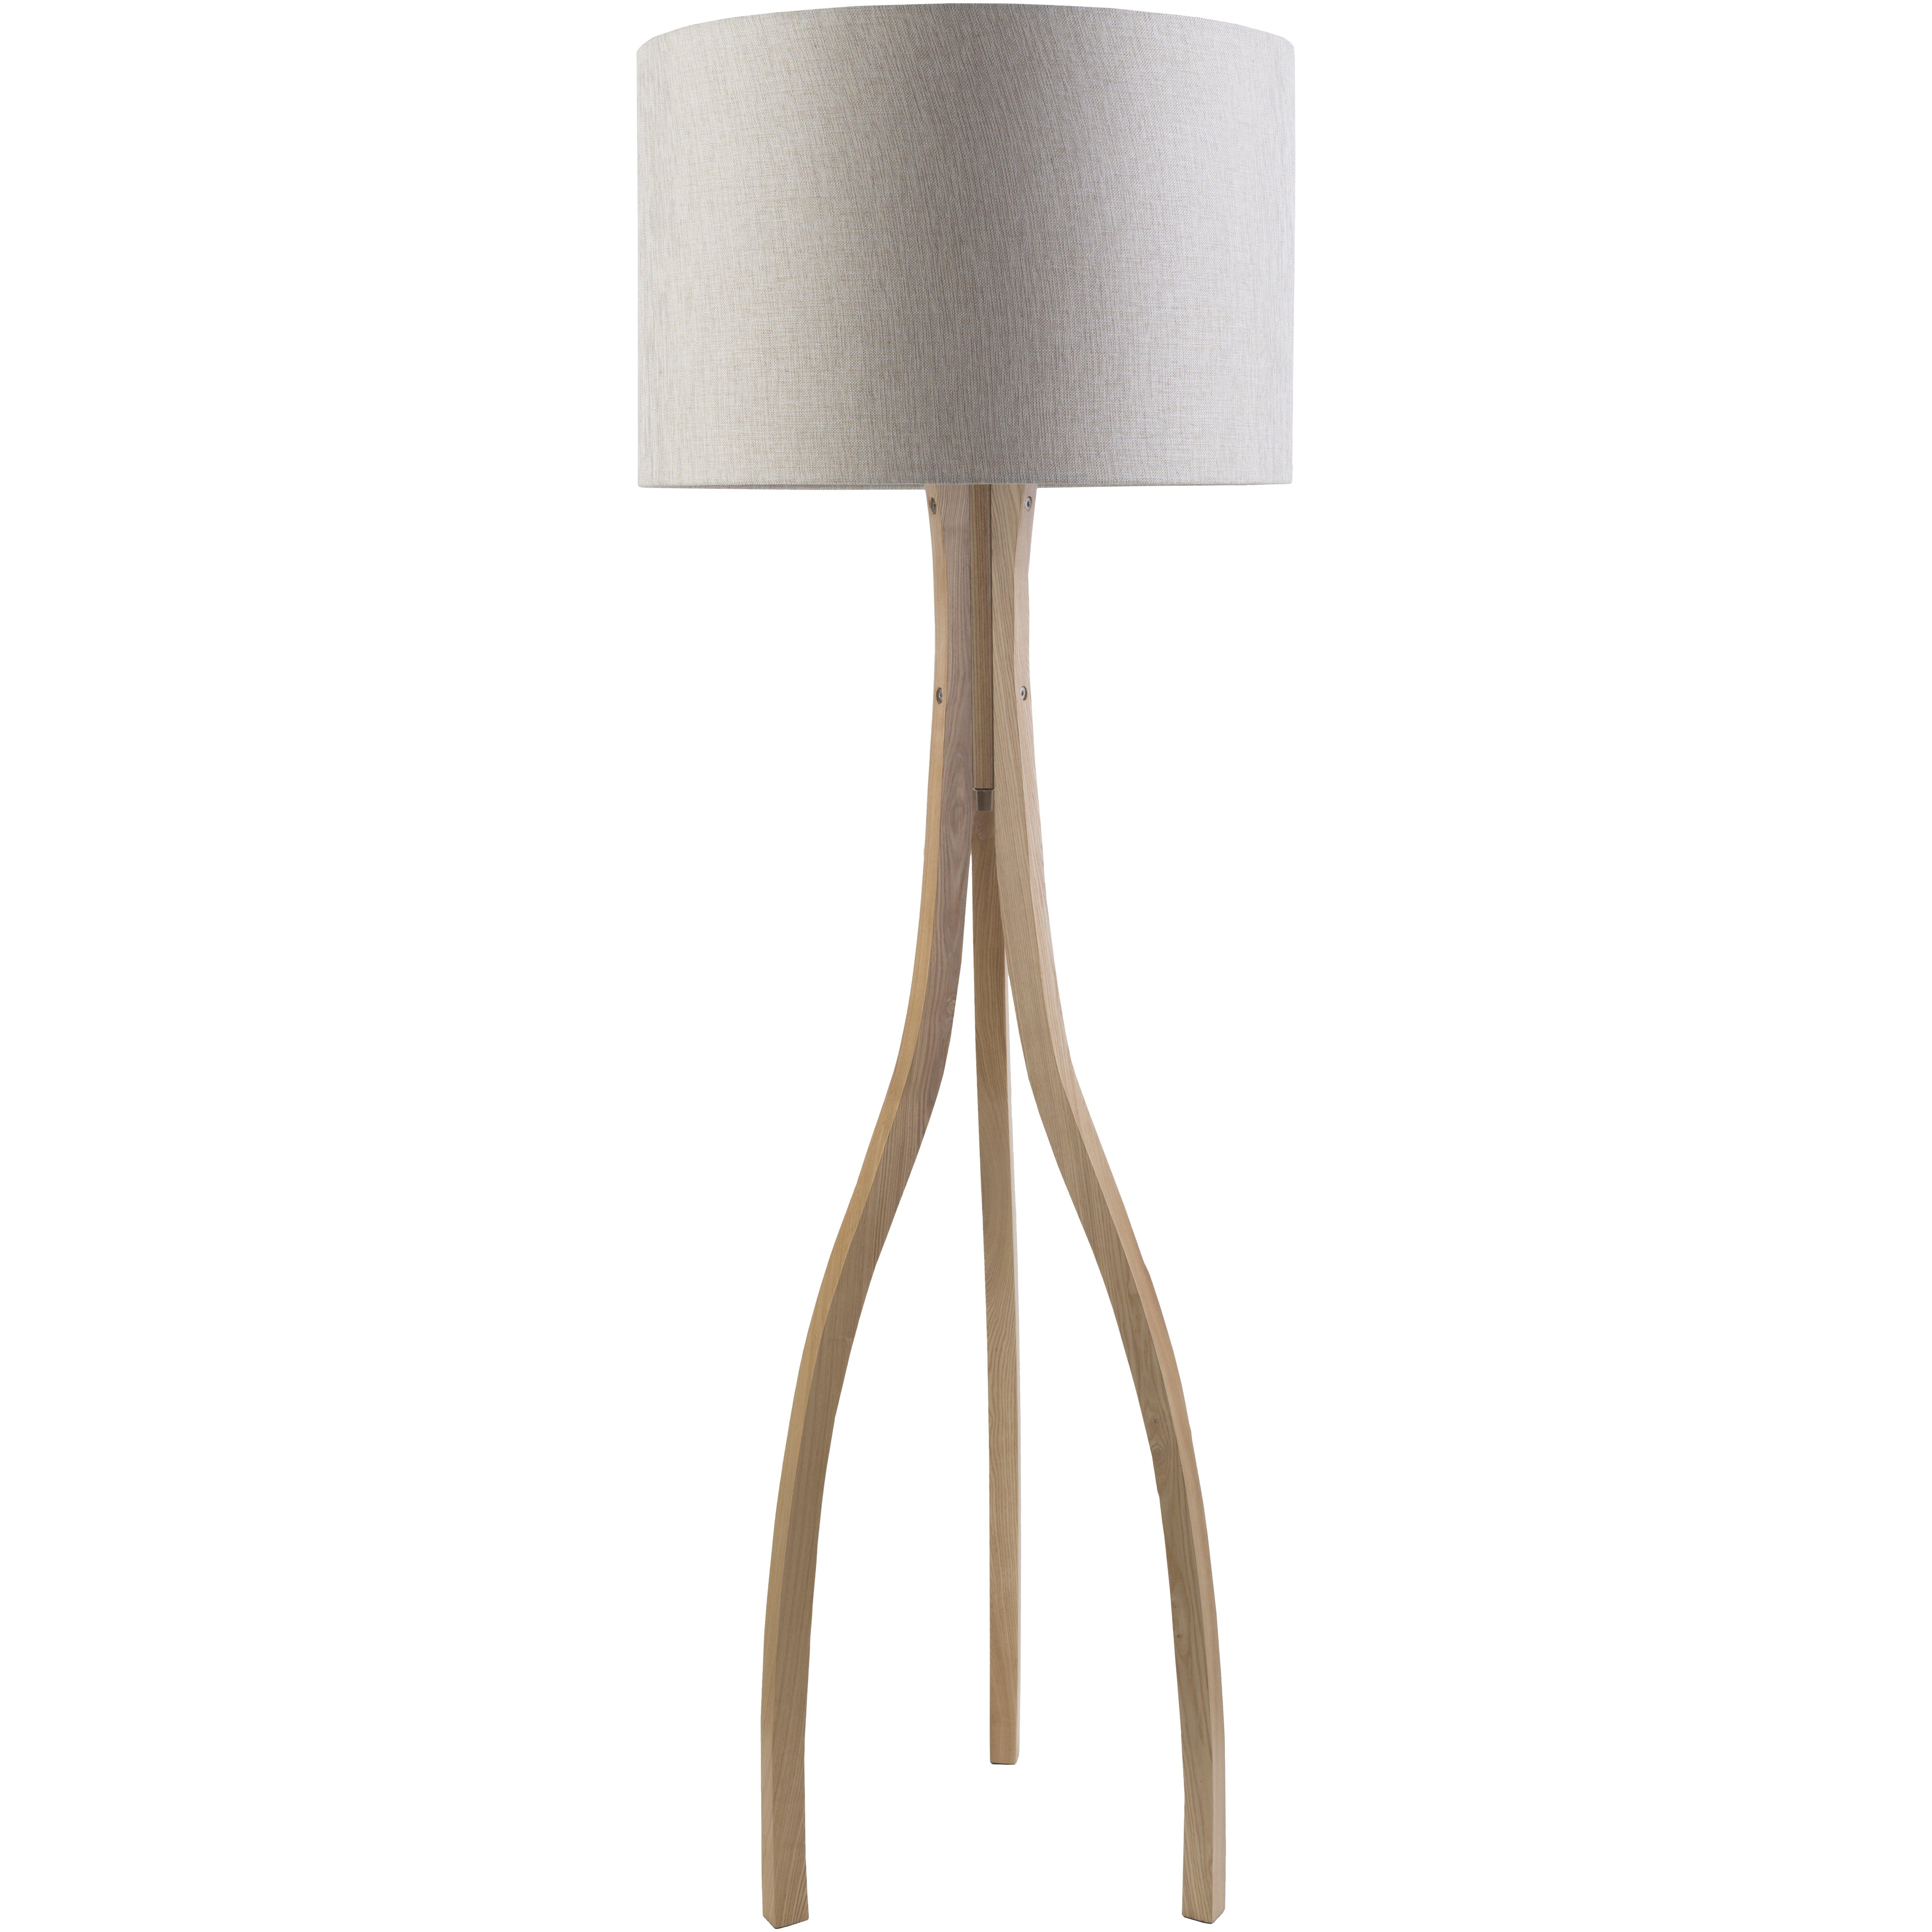 lighting lamps floor lamps langley street sku lgly2542. Black Bedroom Furniture Sets. Home Design Ideas